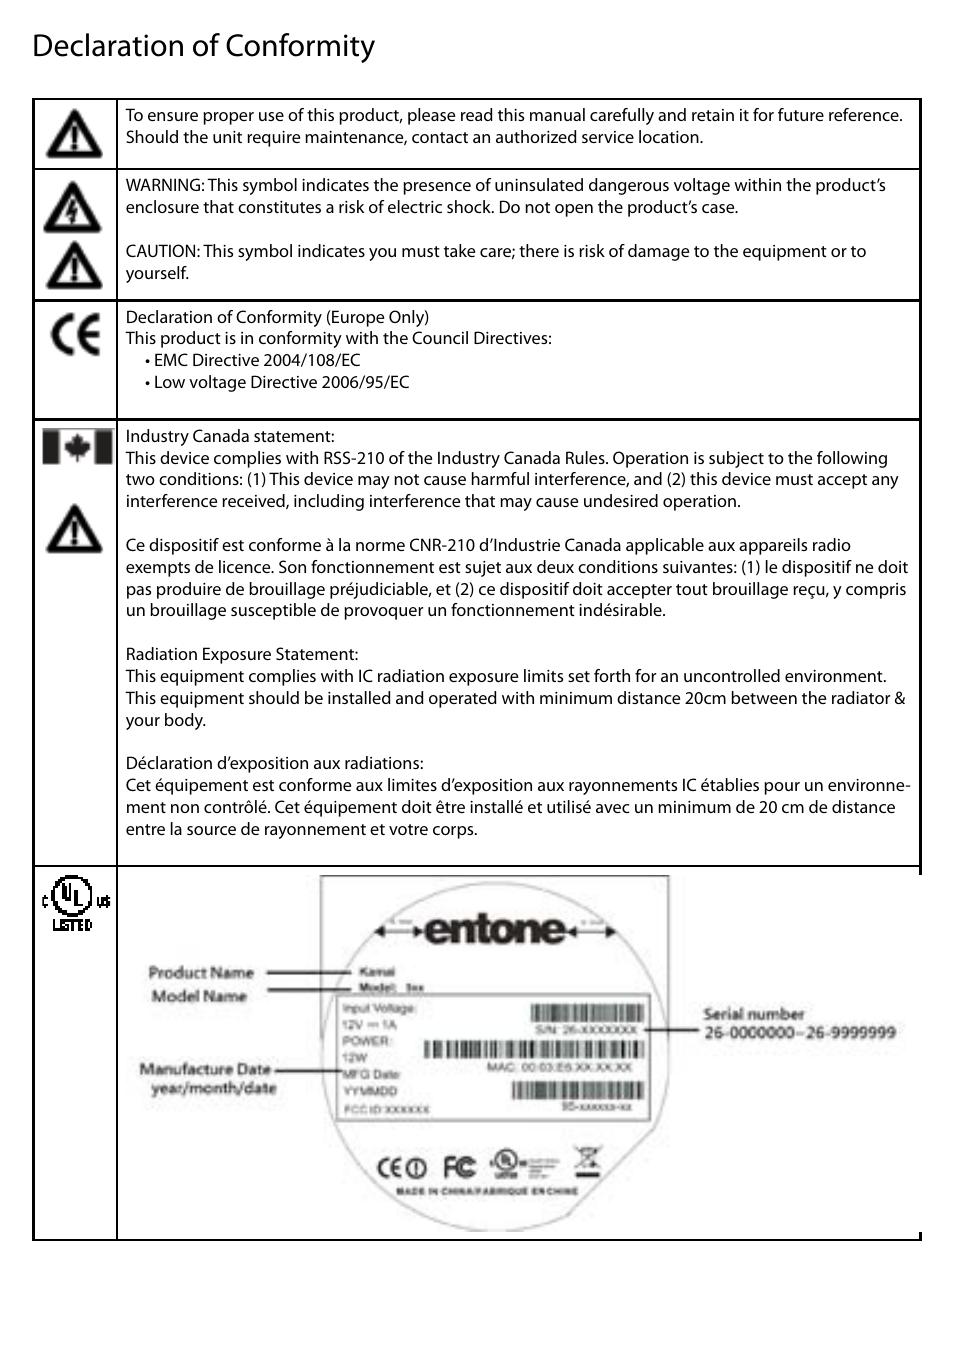 Declaration Of Conformity Manual Guide